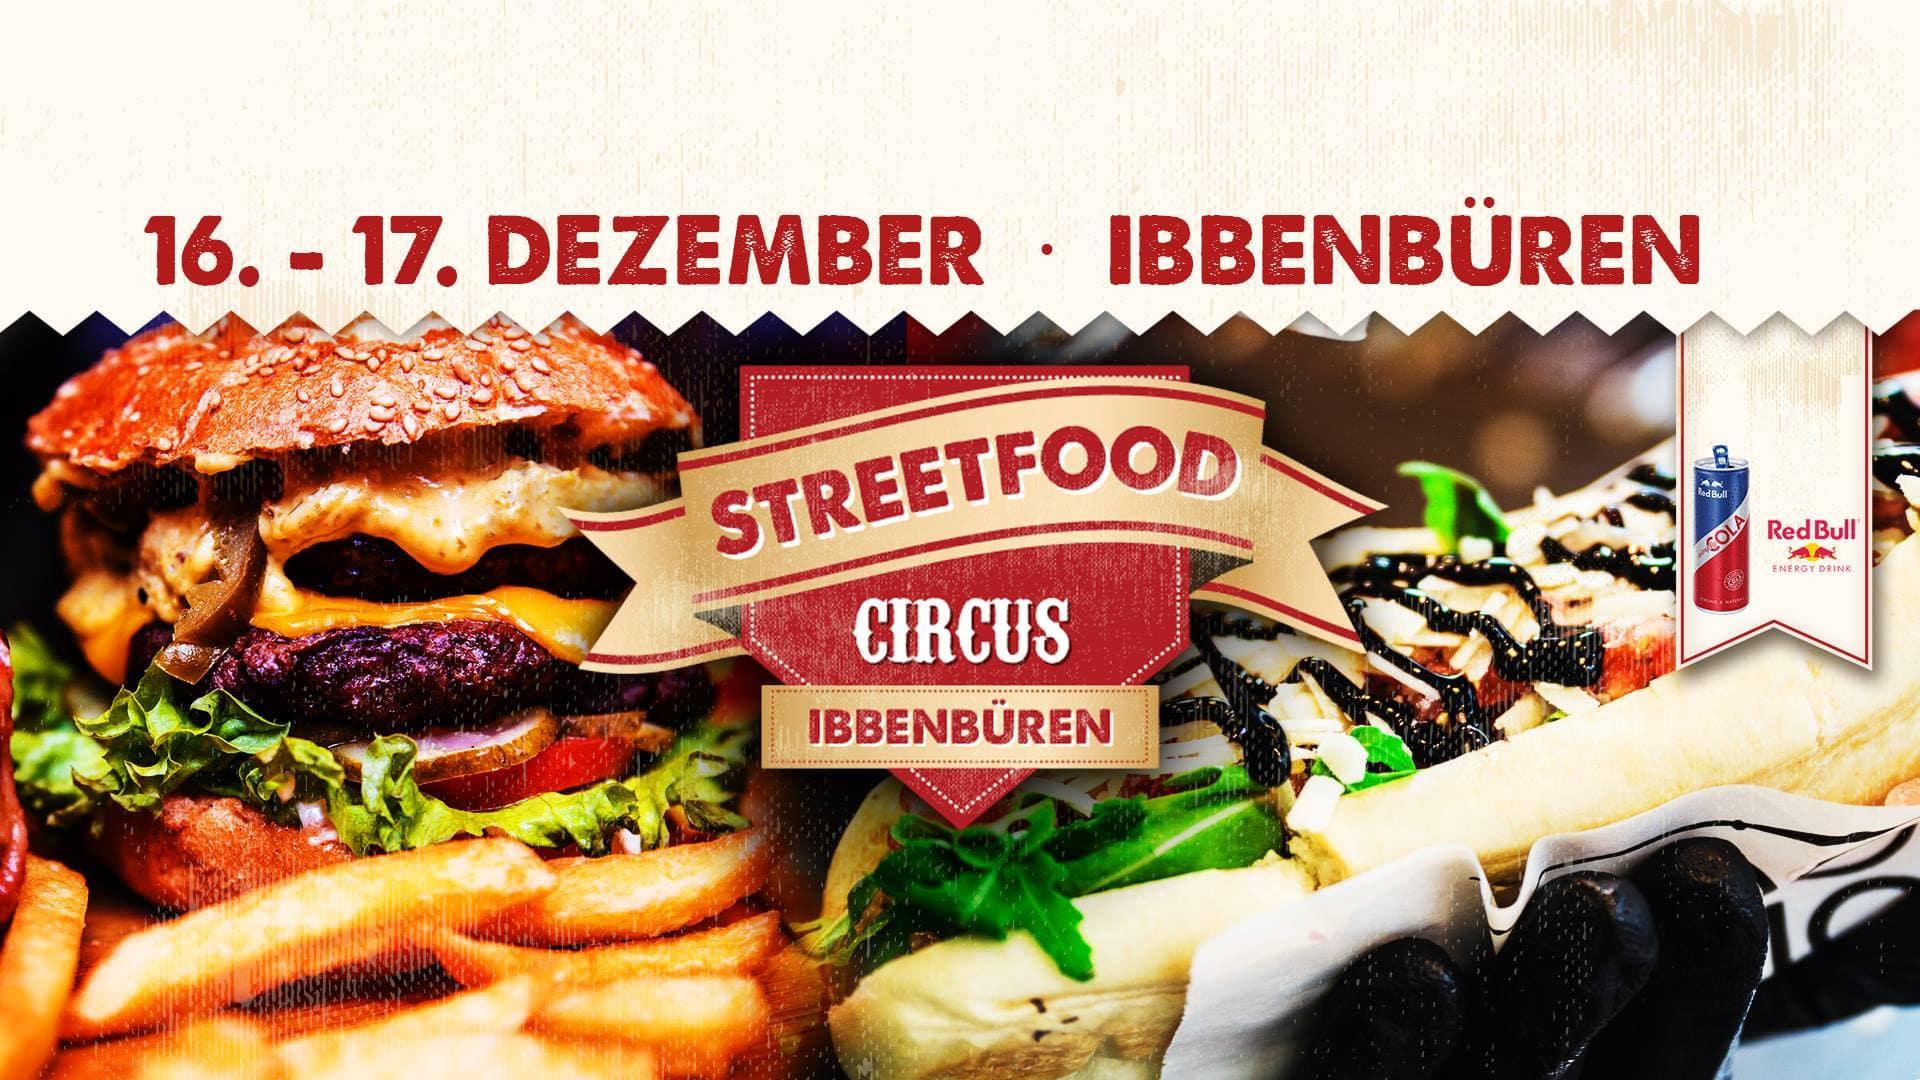 Streetfoodcircus Ibbenbüren